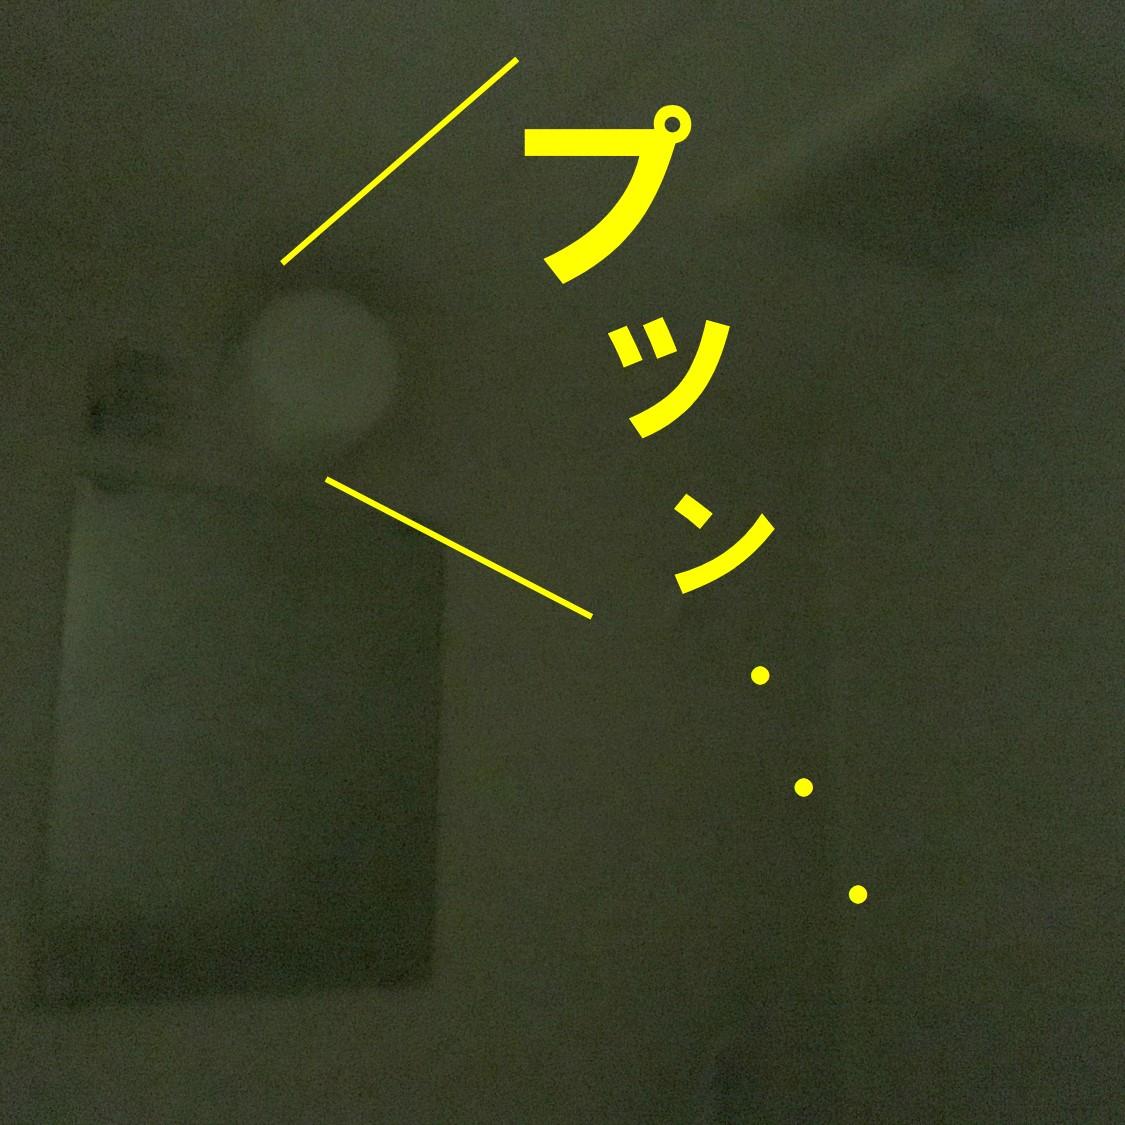 電気が消えた